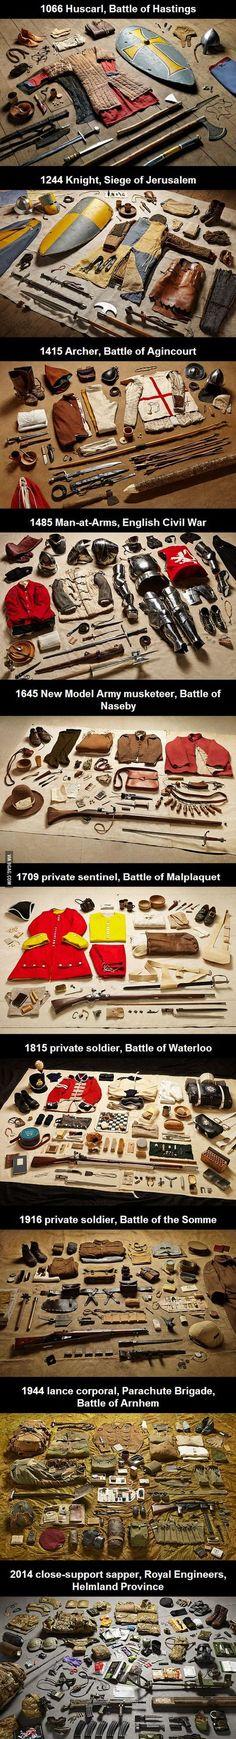 Historique de l'uniforme militaire des 1000 dernières années